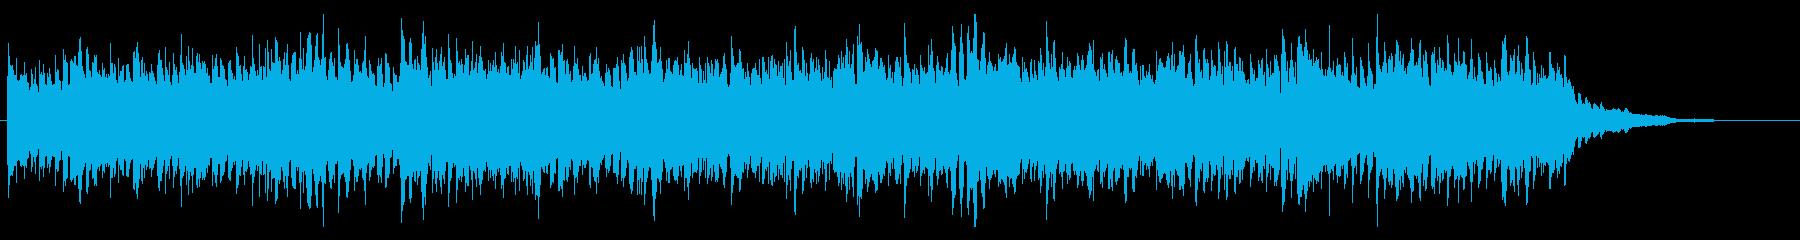 不安定なリズムと不穏な雰囲気のBGMの再生済みの波形